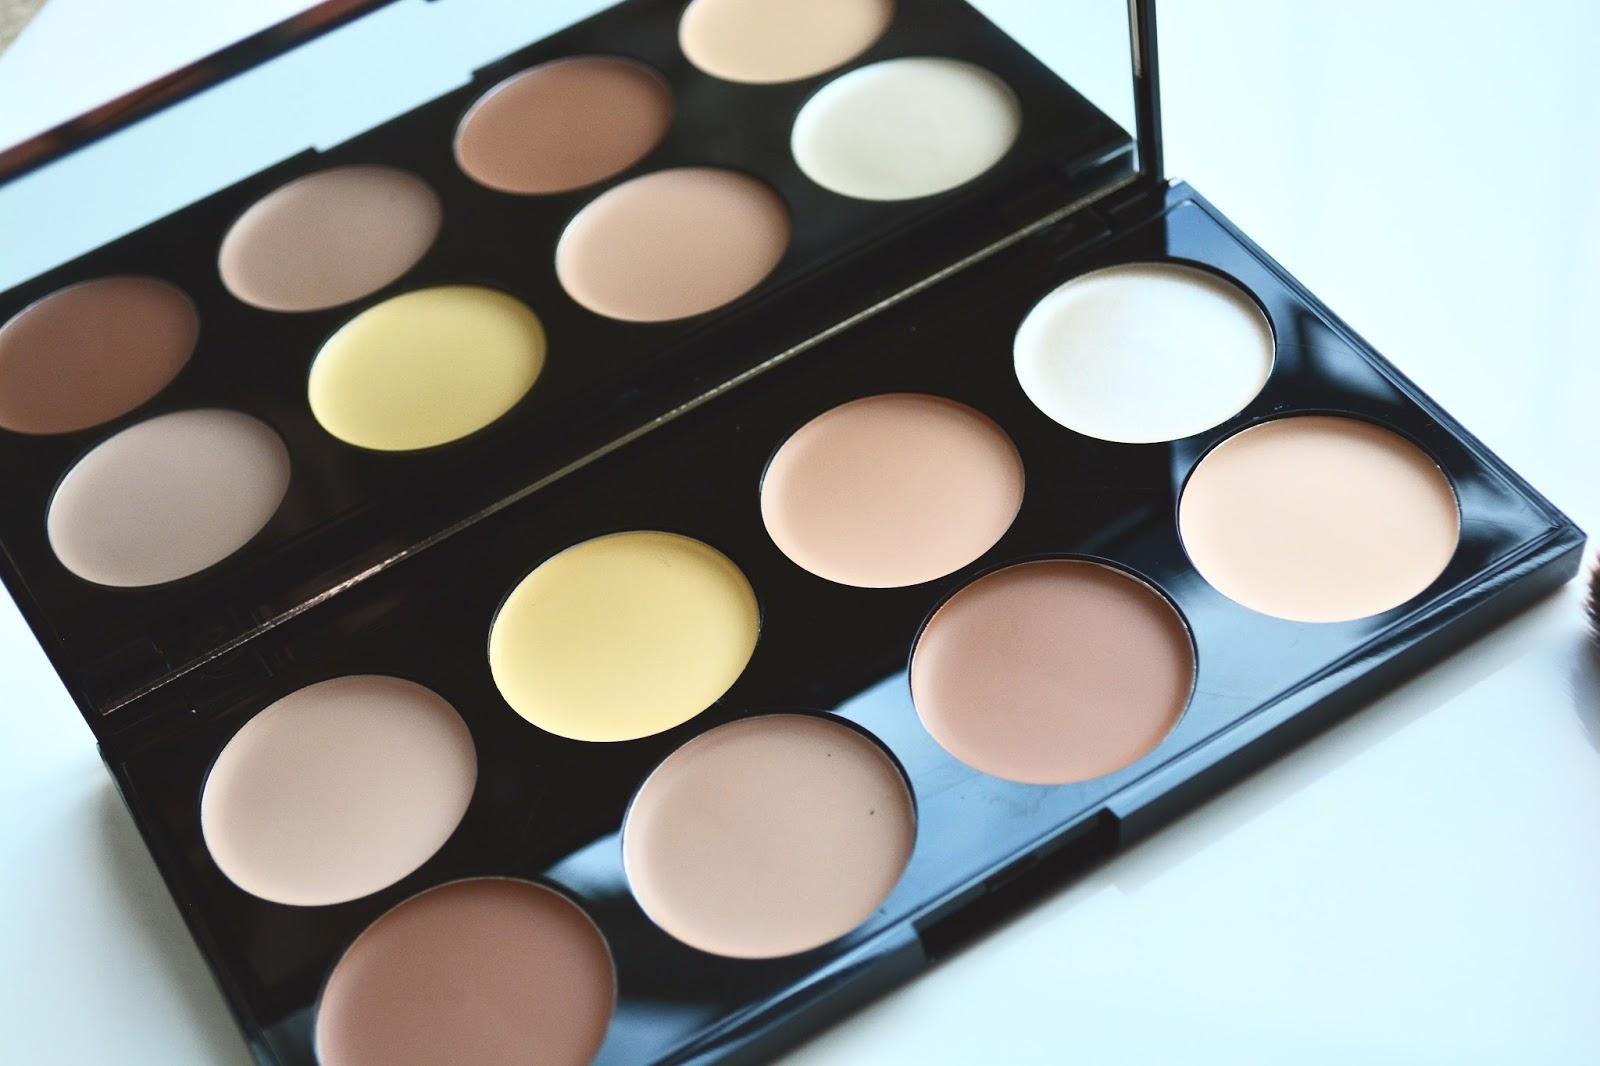 Makeup Revolution, Makeup Revolution Ultra Cream Contour Palette, Cream Contour, Contouring, Highlighting